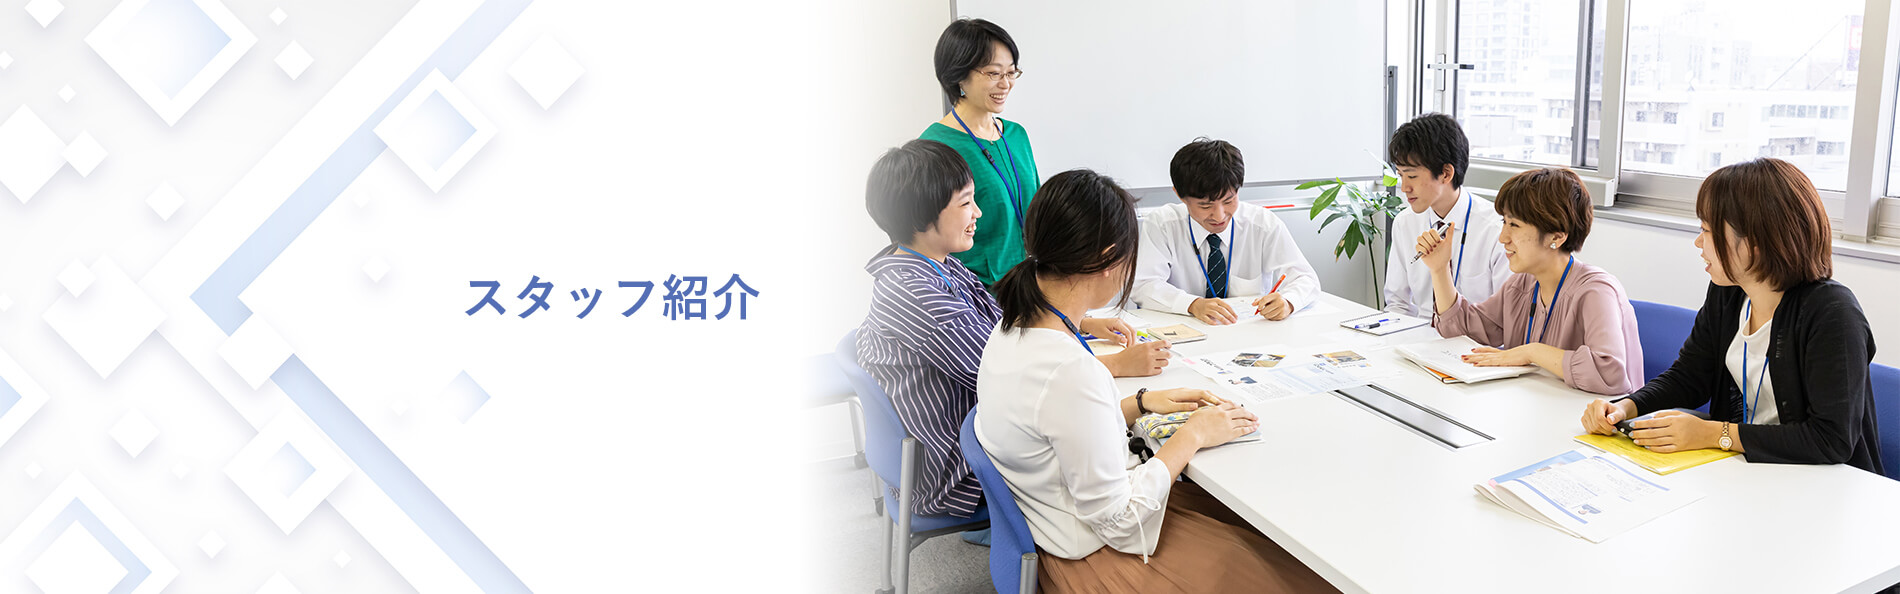 スタッフ紹介